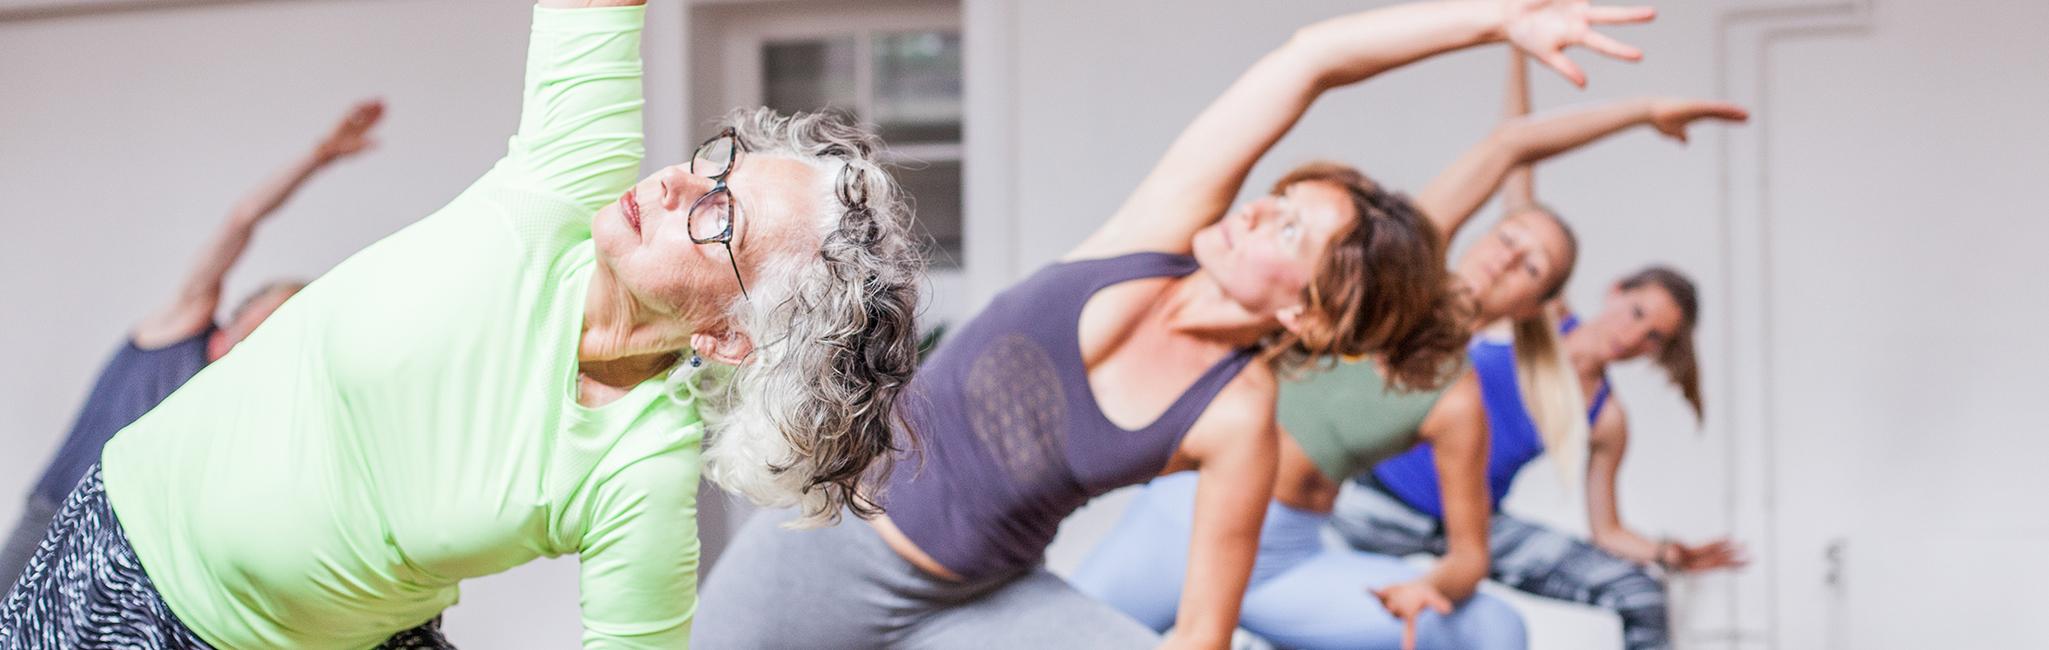 Zomeractie   15 yoga classes